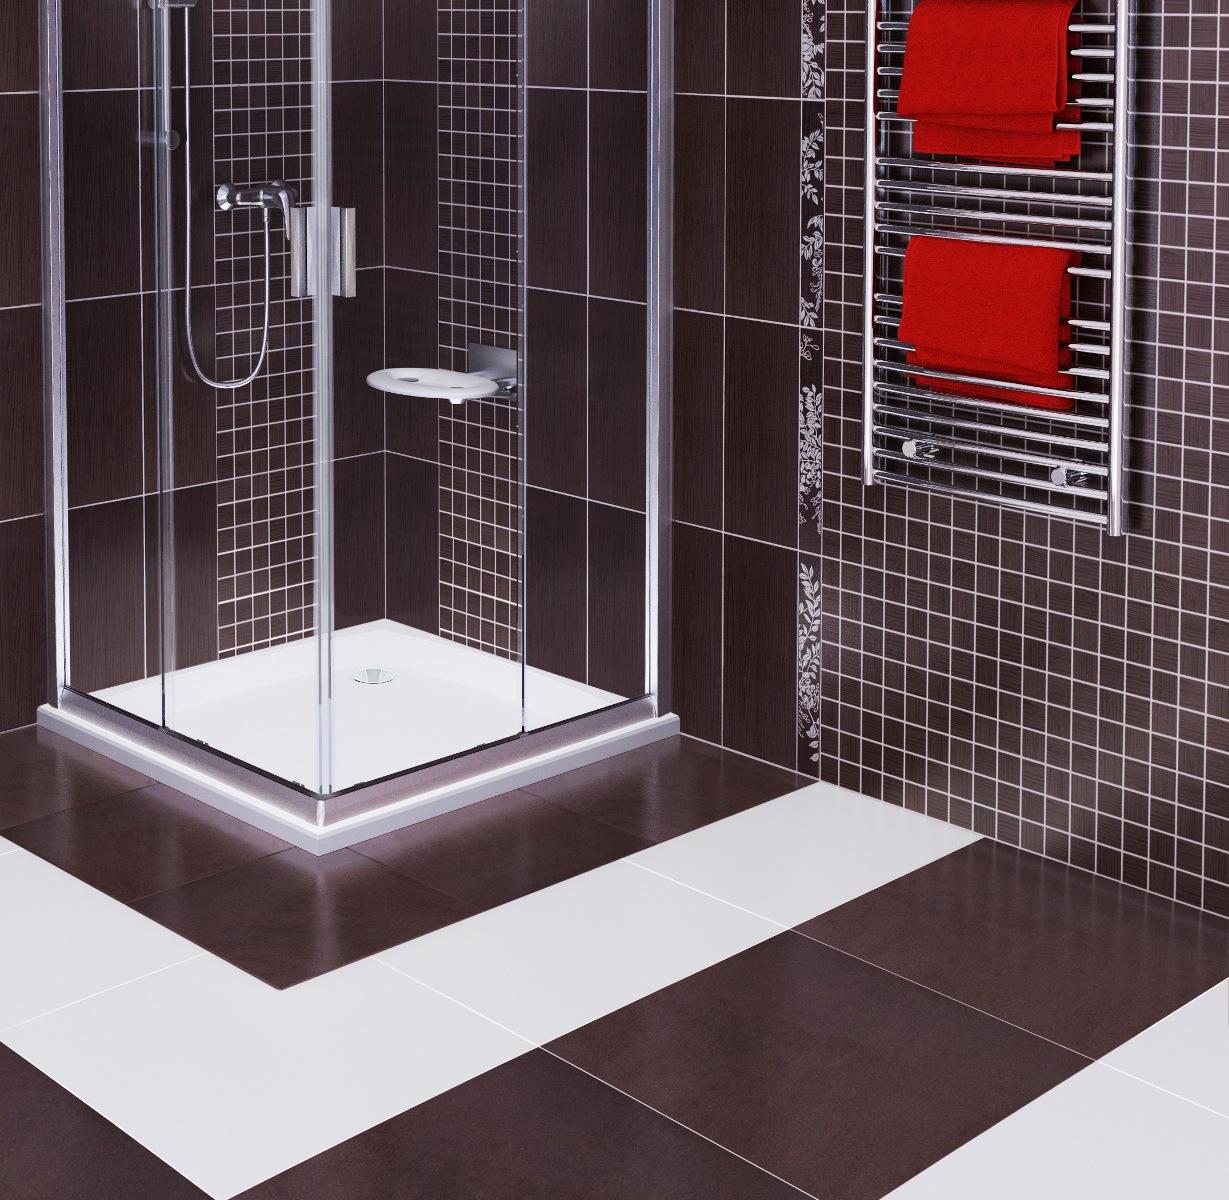 Odore di fogna dalla doccia great odore di fogna dalla doccia with odore di fogna dalla doccia - Puzza di fogna in bagno ...